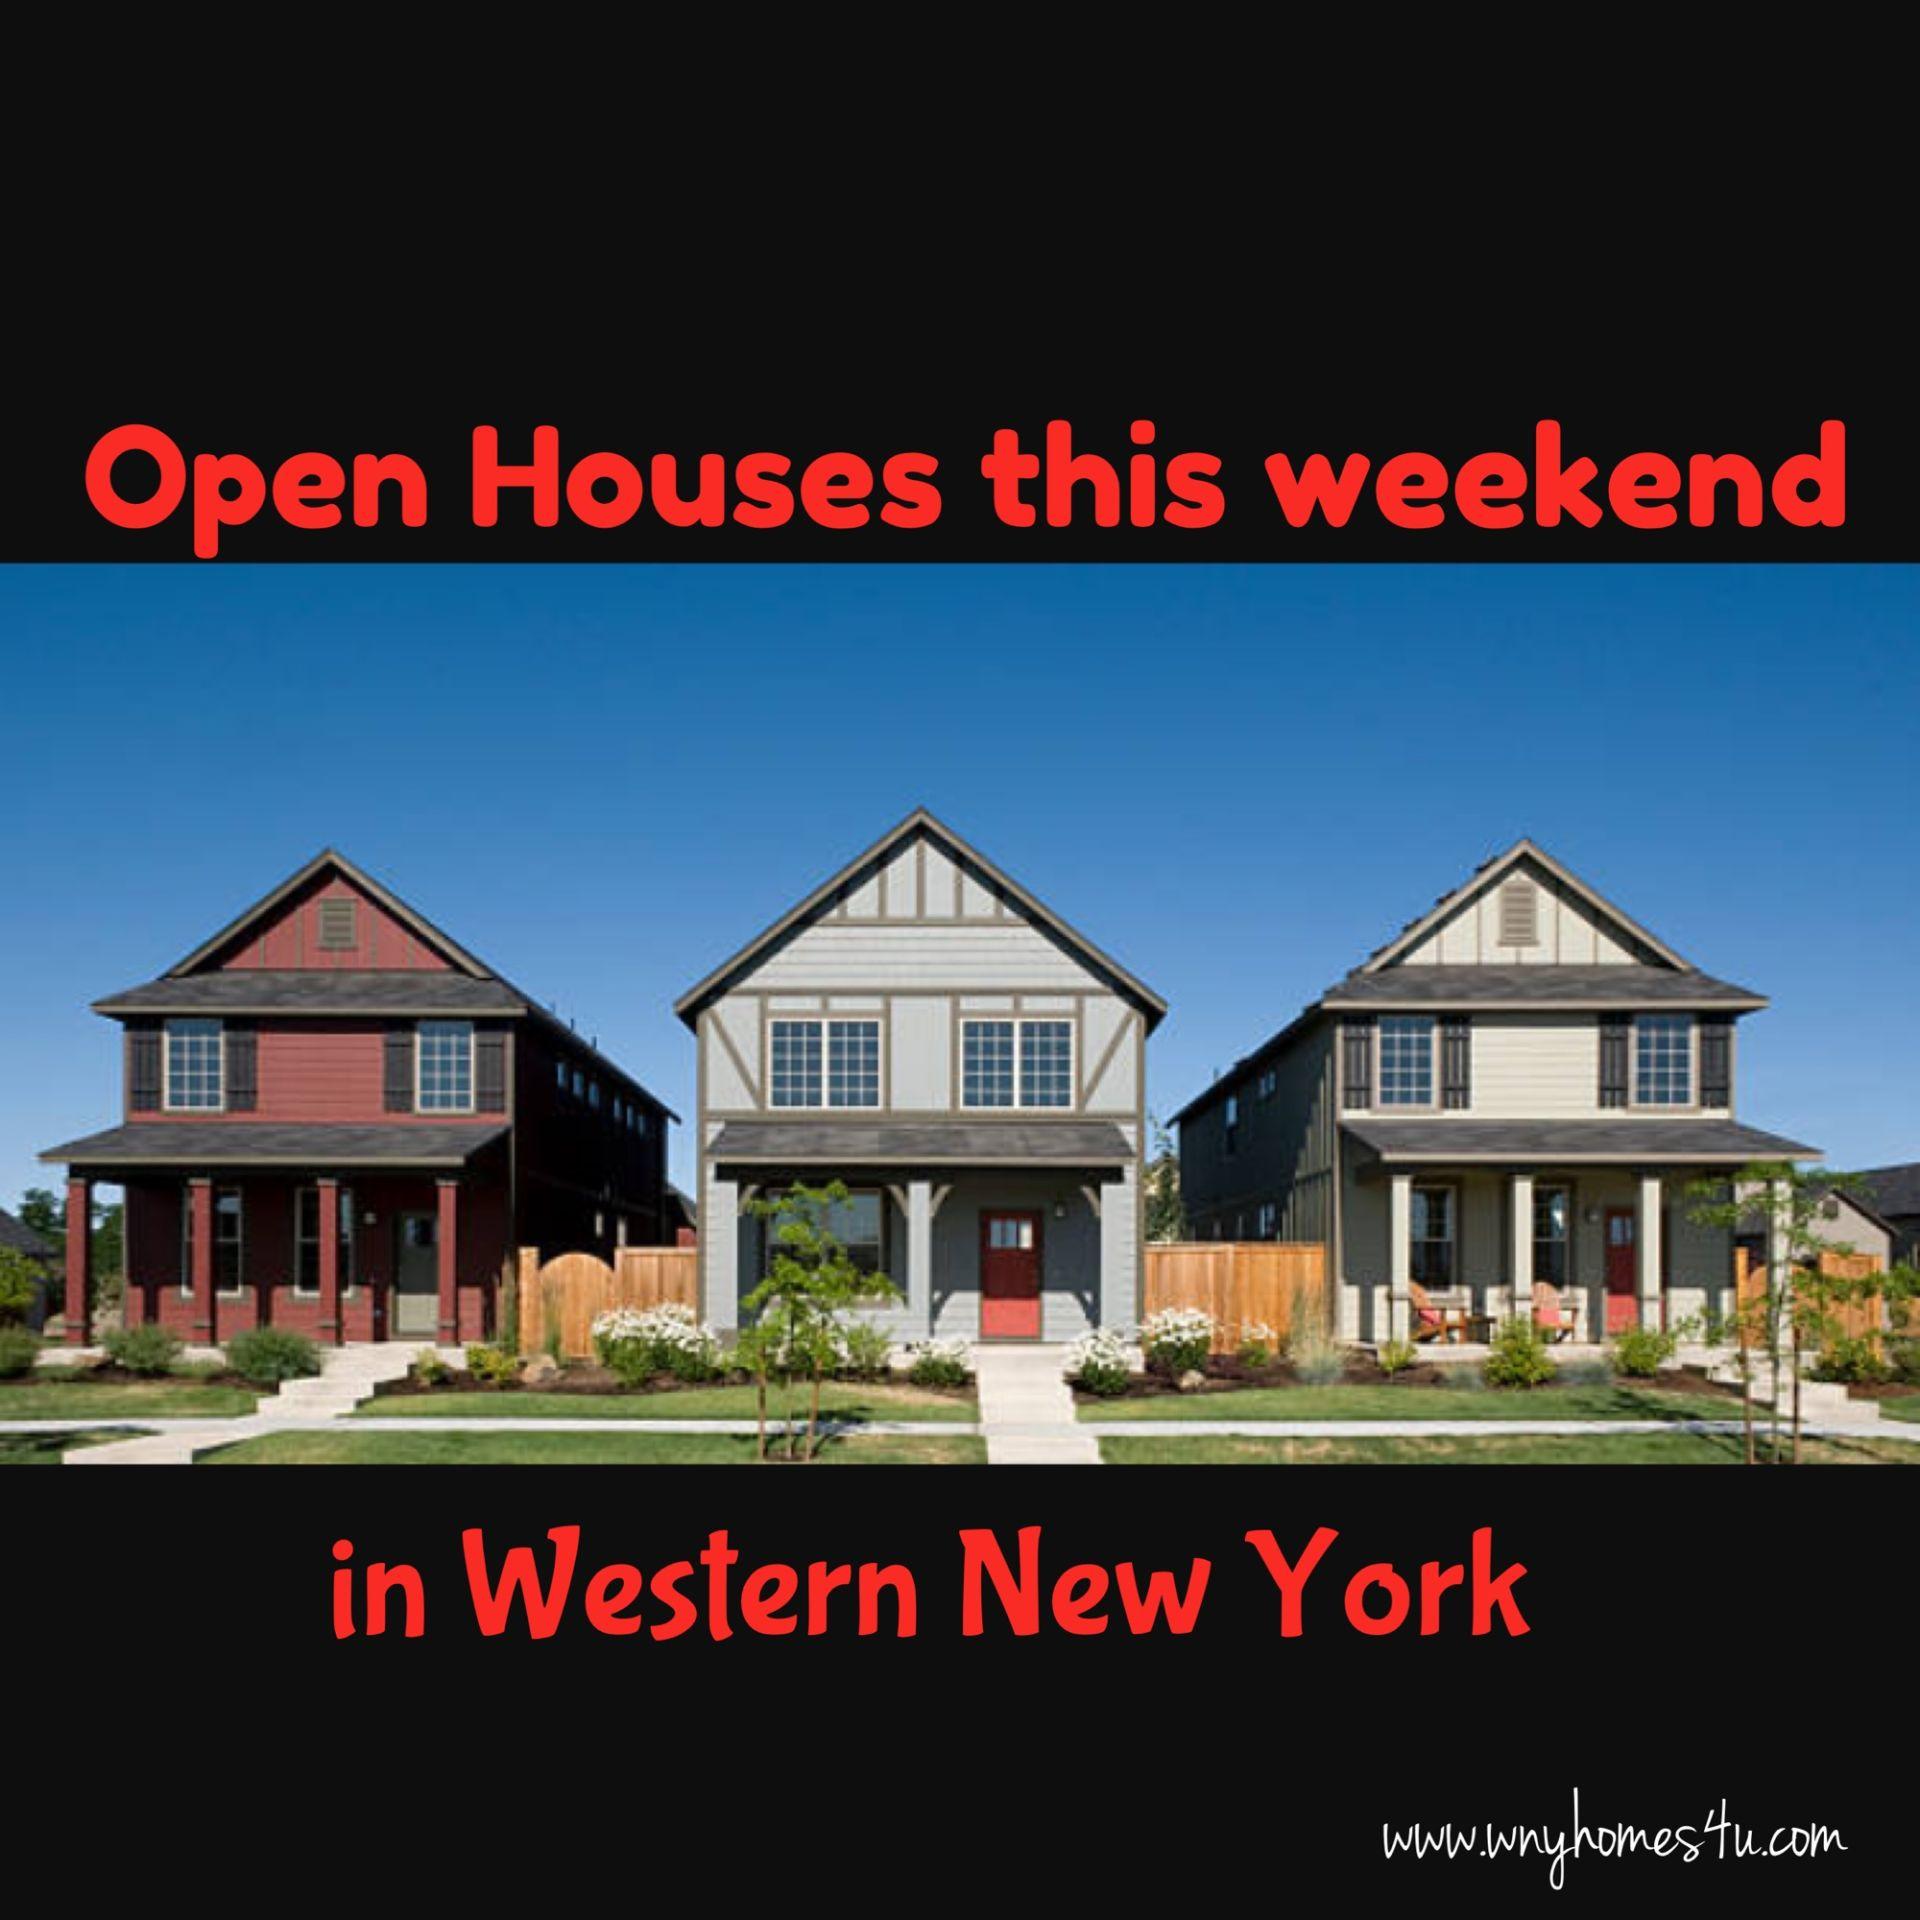 OPEN HOUSES in WNY Nov 4/5